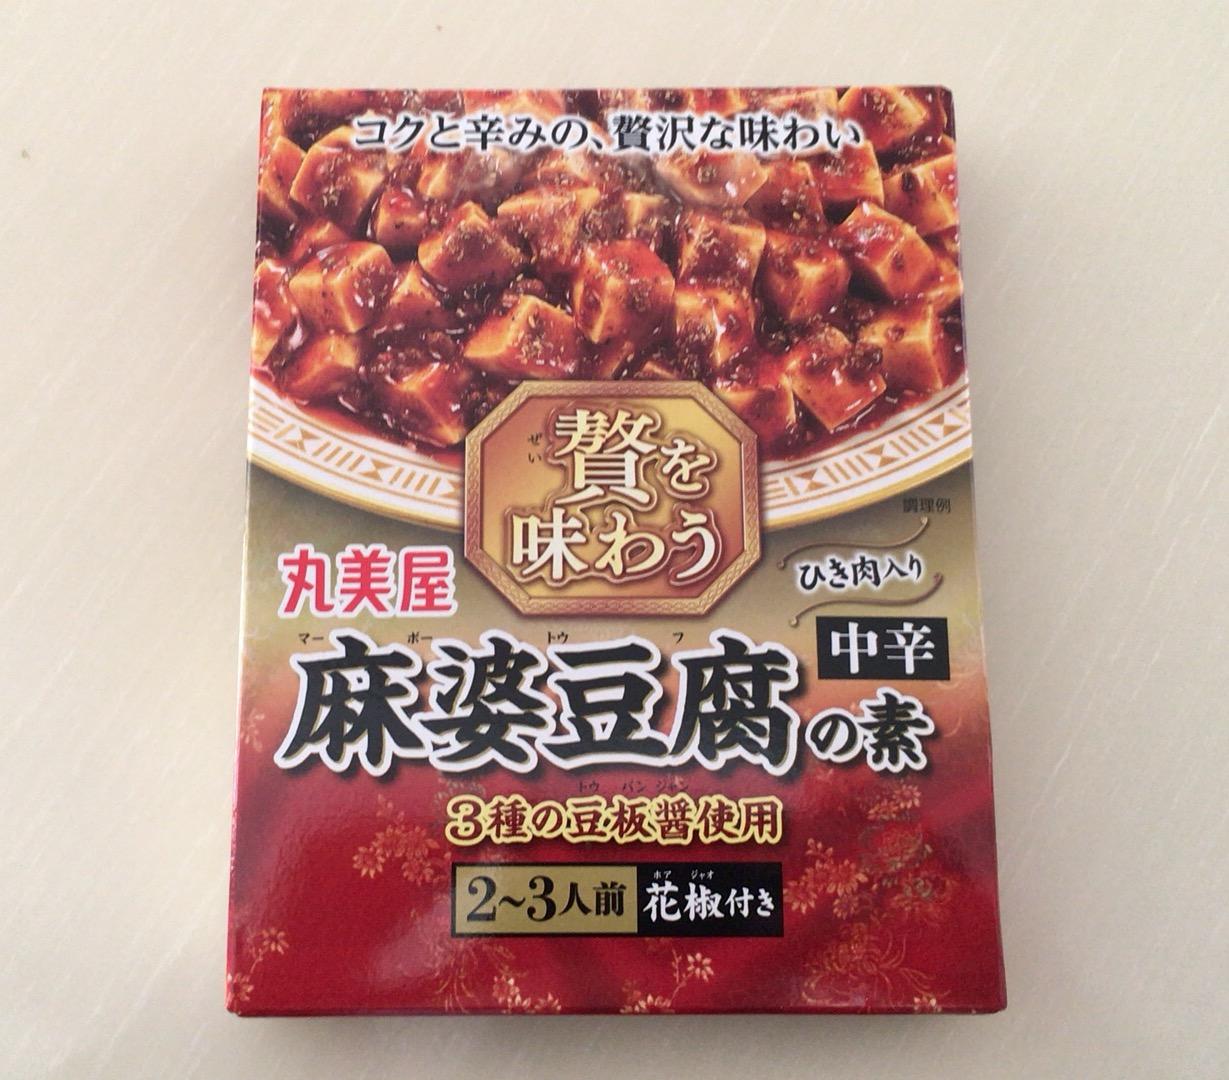 丸美屋さんの贅を味わう麻婆豆腐